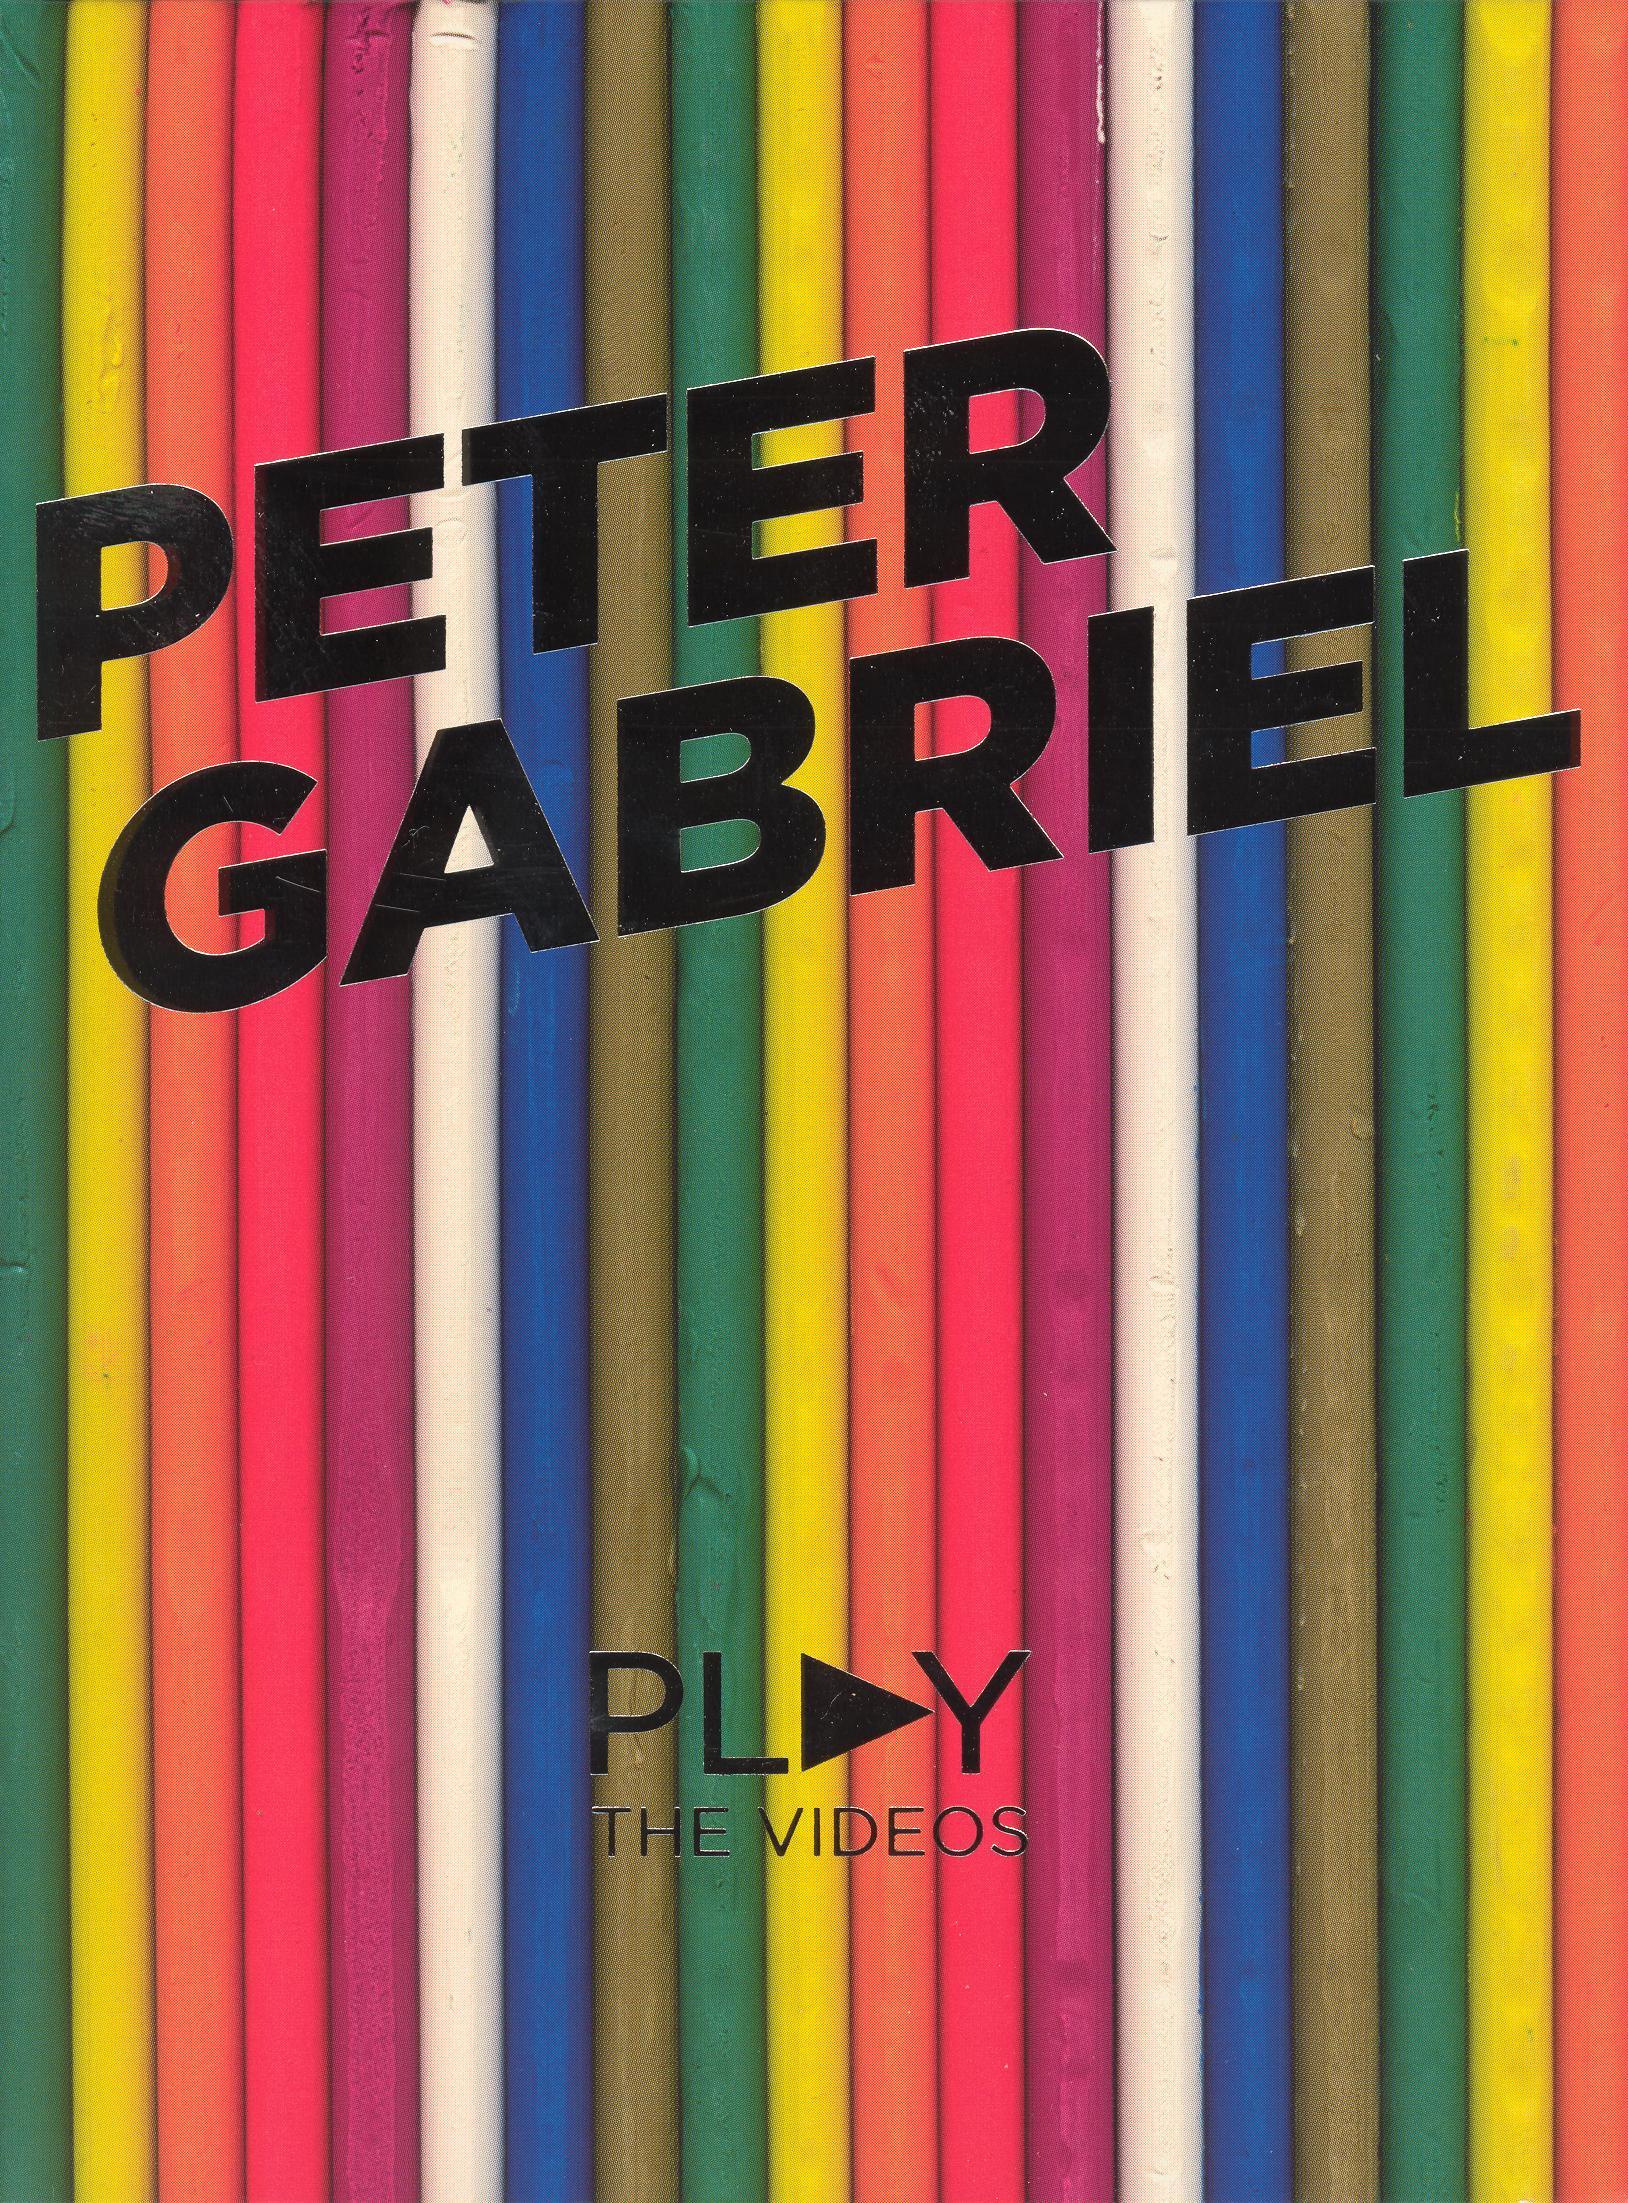 Peter Gabriel: Play